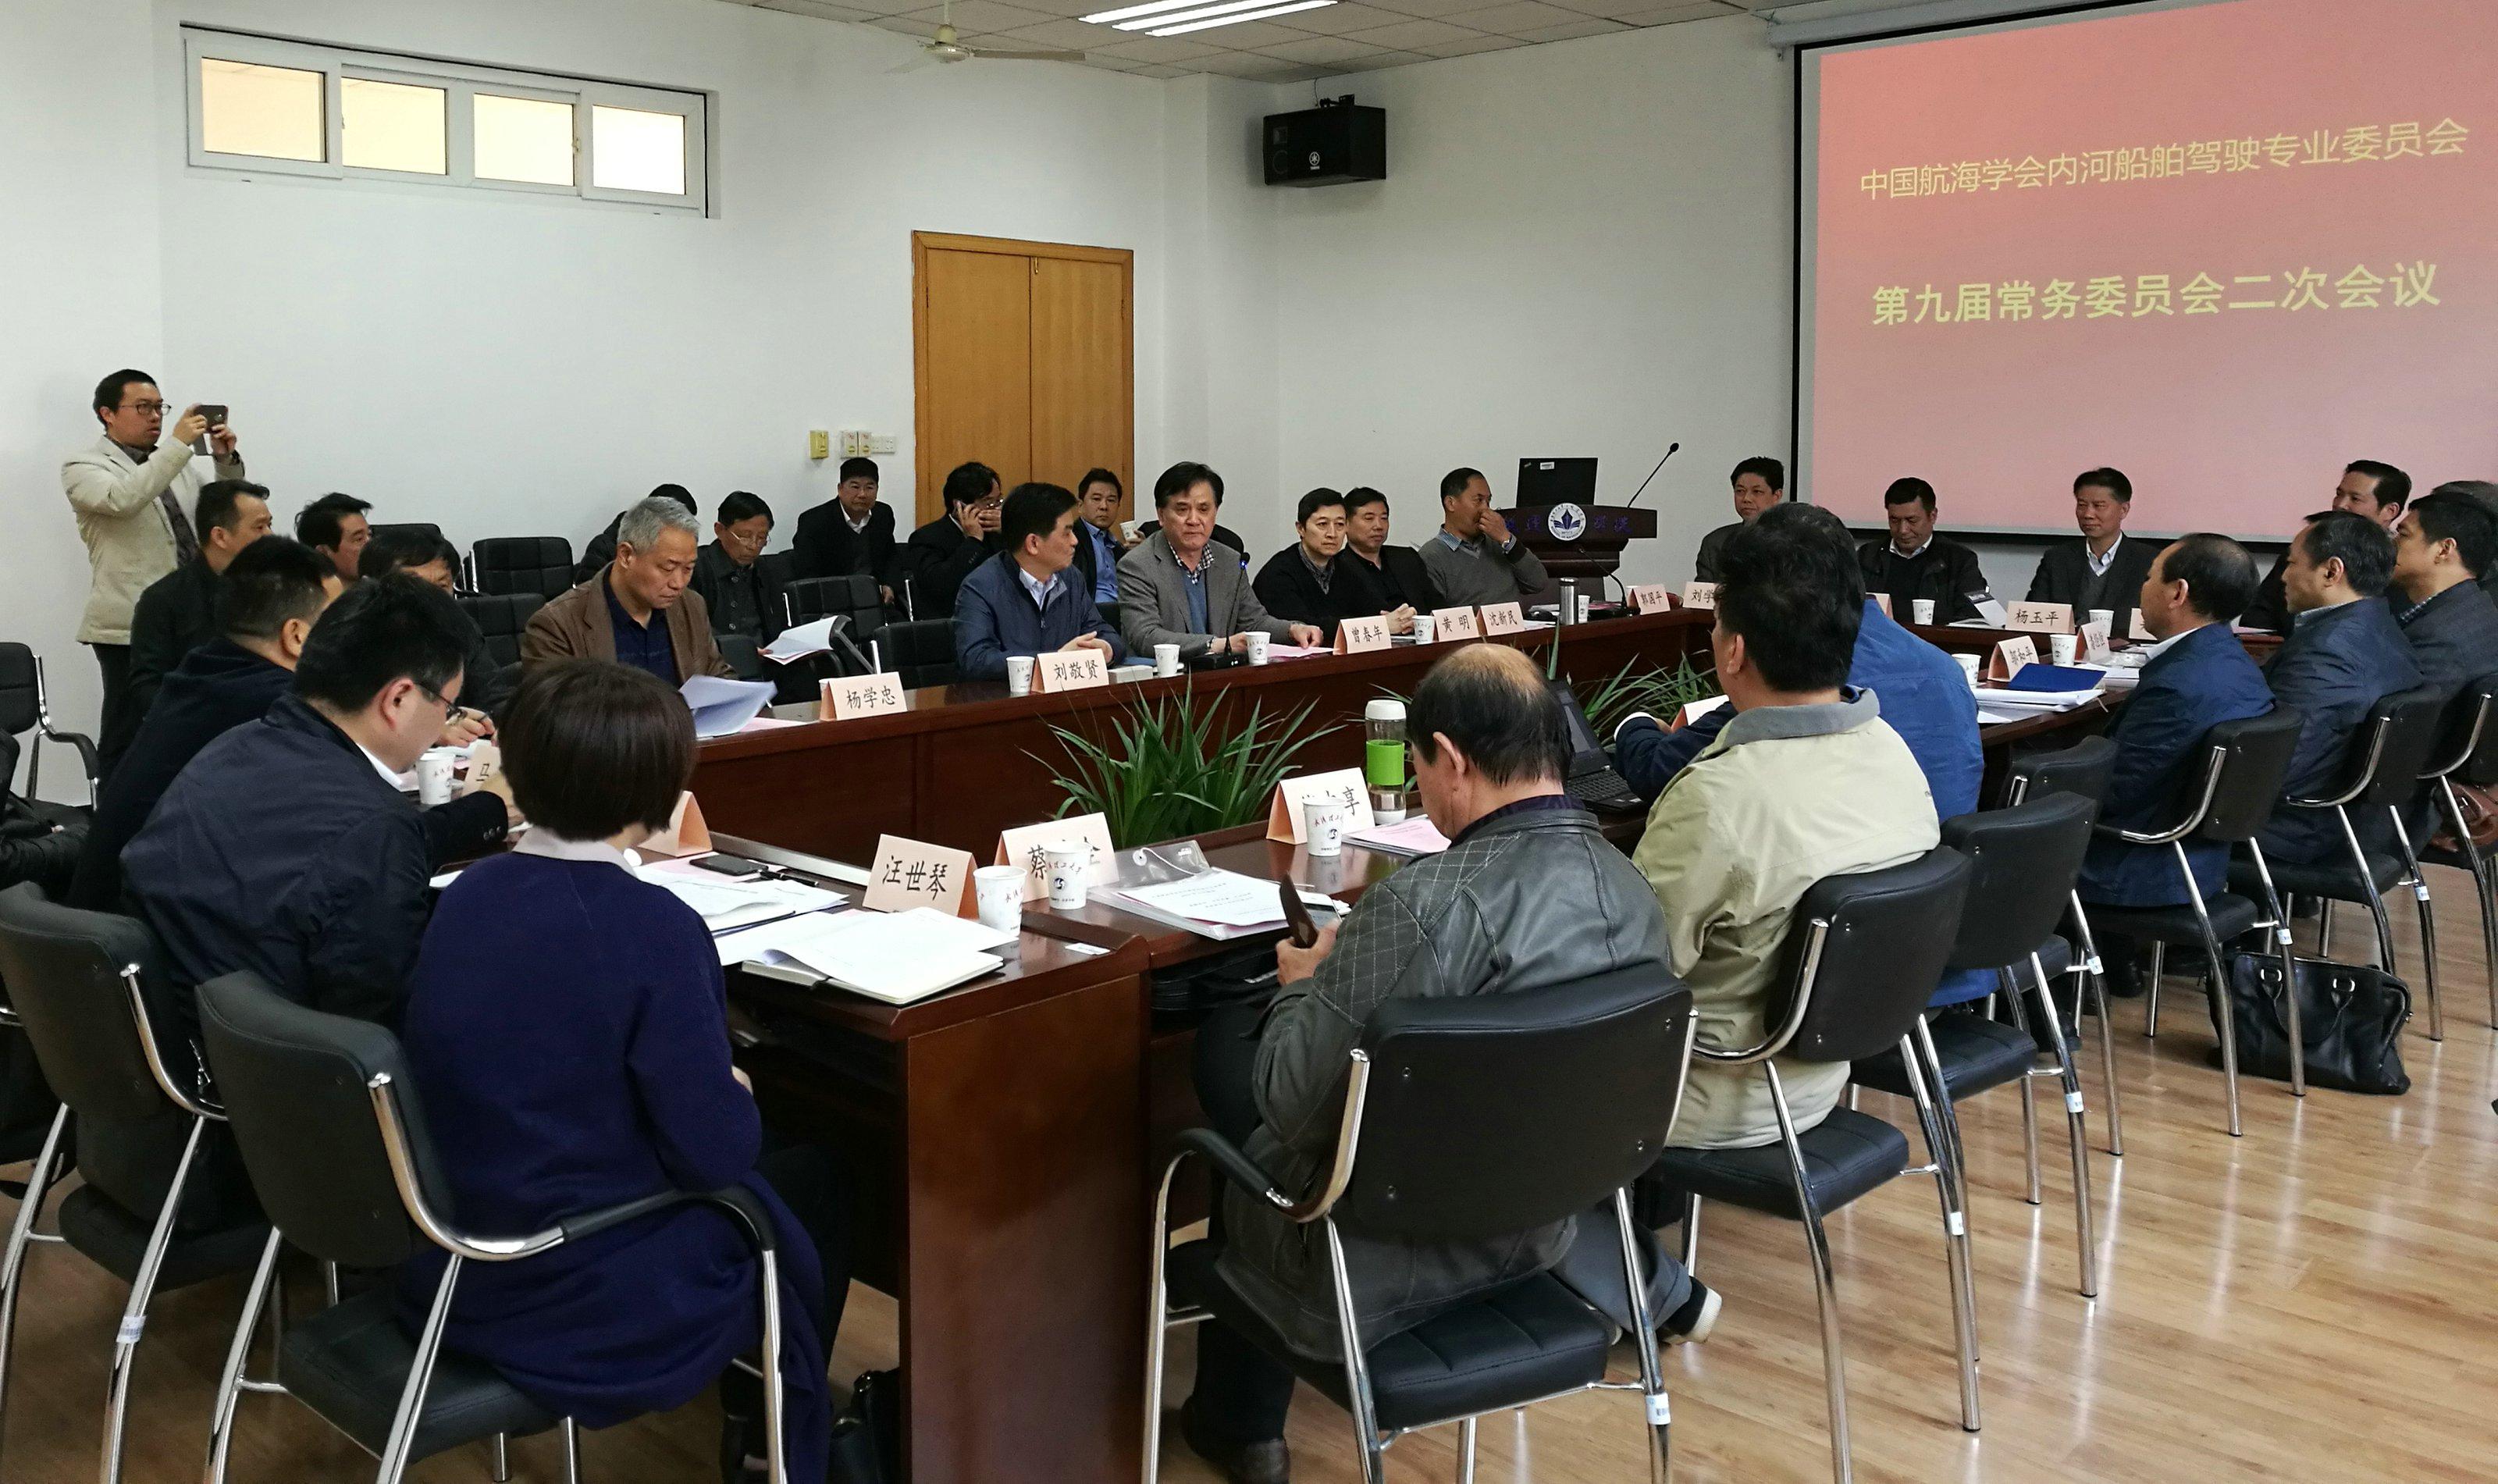 中国航海学会内河船舶驾驶专业委员会召开第九届常务委员会第二次会议